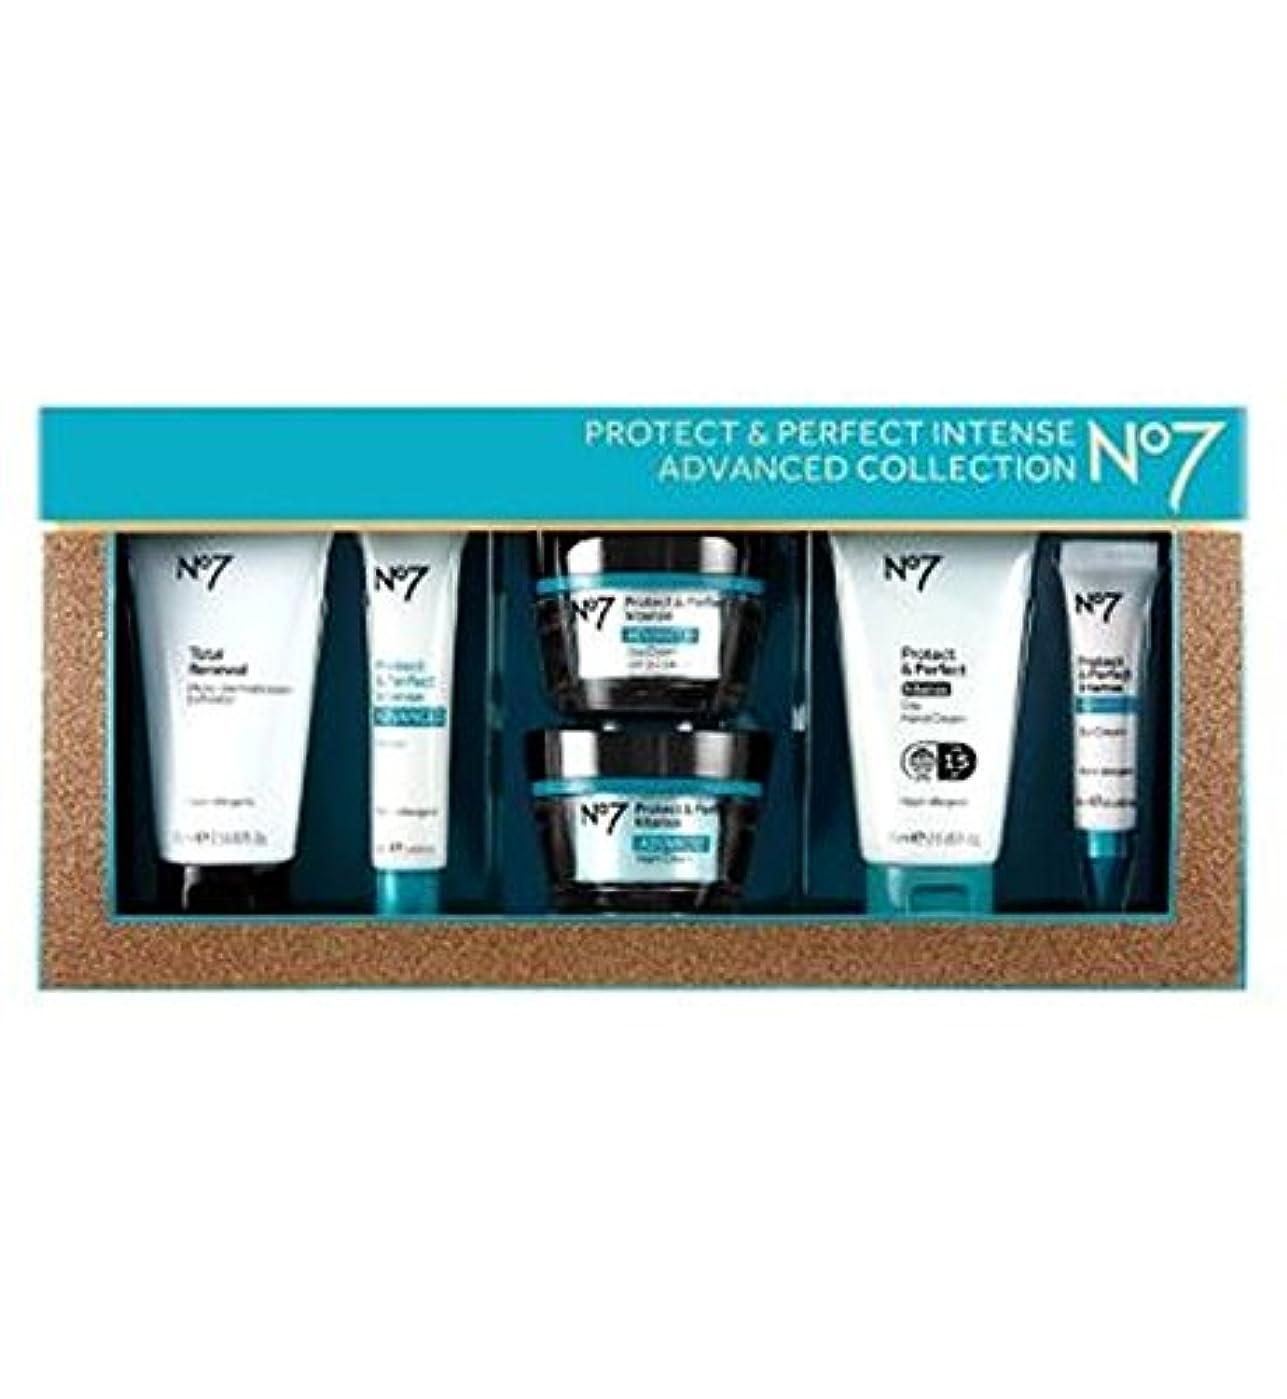 余暇プロテスタント消費するNo7 Protect & Perfect Intense ADVANCED Collection - No7保護&完璧な強烈な高度なコレクション (No7) [並行輸入品]